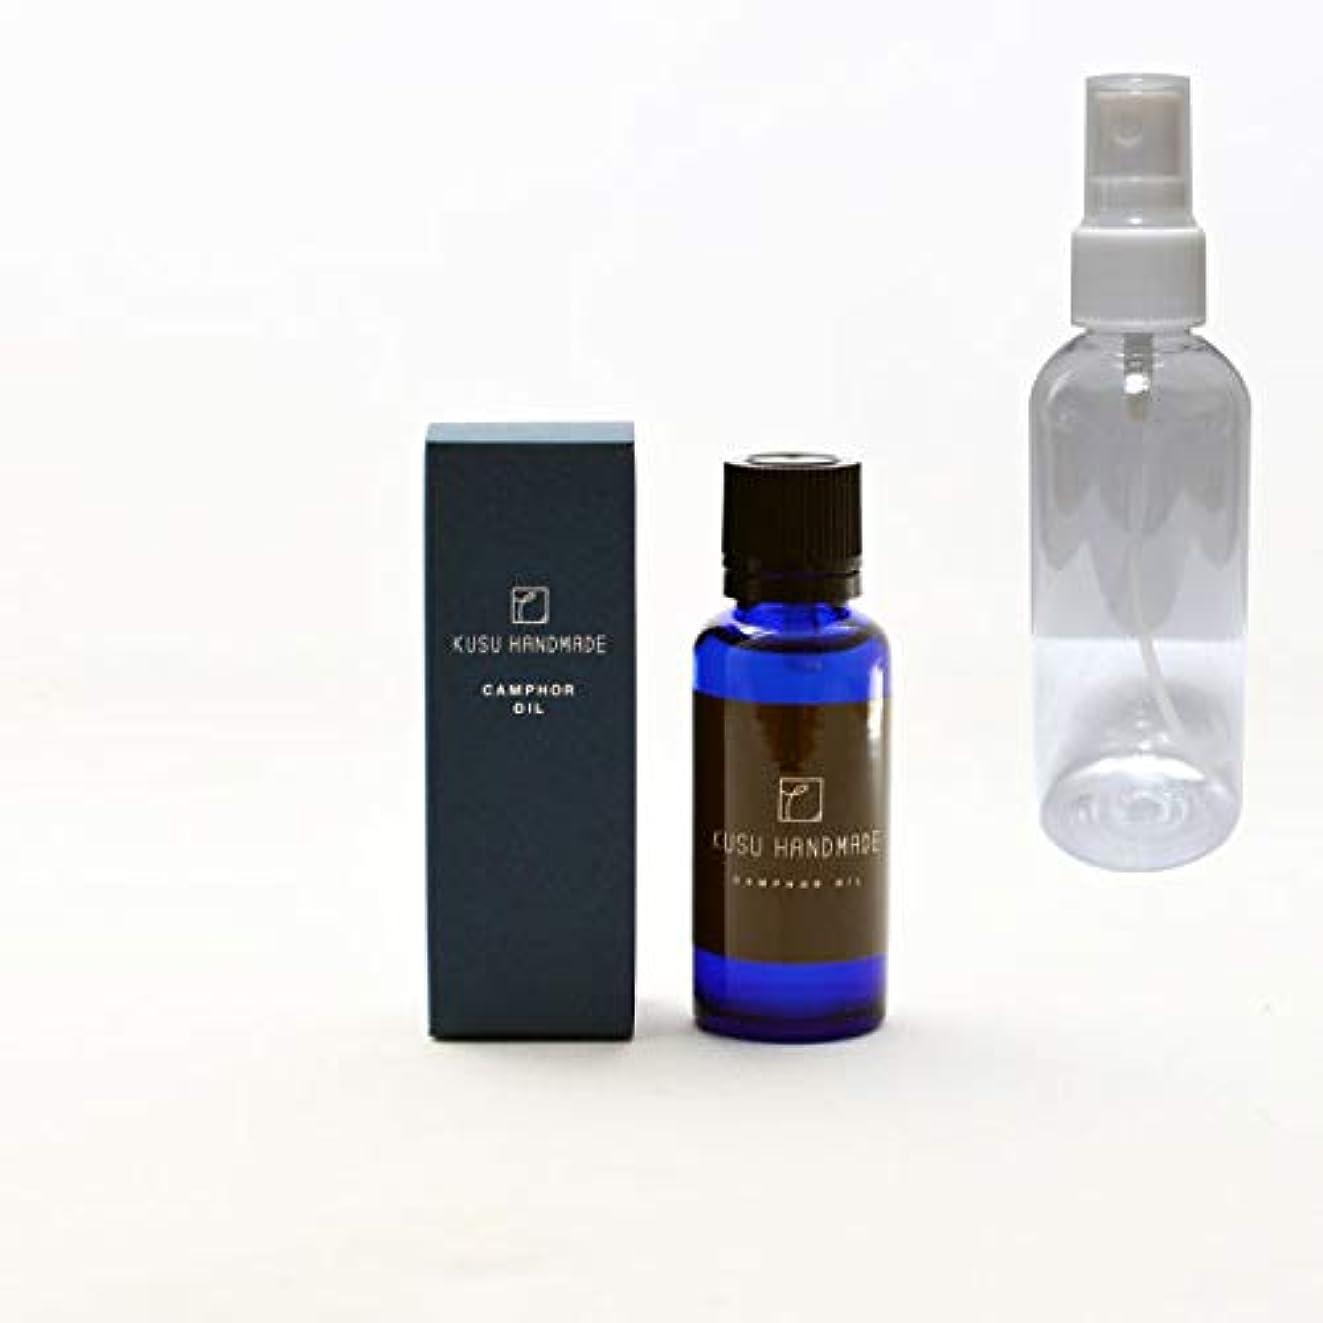 レガシーラウズミルクKUSU HANDMADE カンフルオイル 30ml くすのき油 樟脳油 エッセンシャルオイル アロマバス 虫除け 便利なスプレーボトルセット